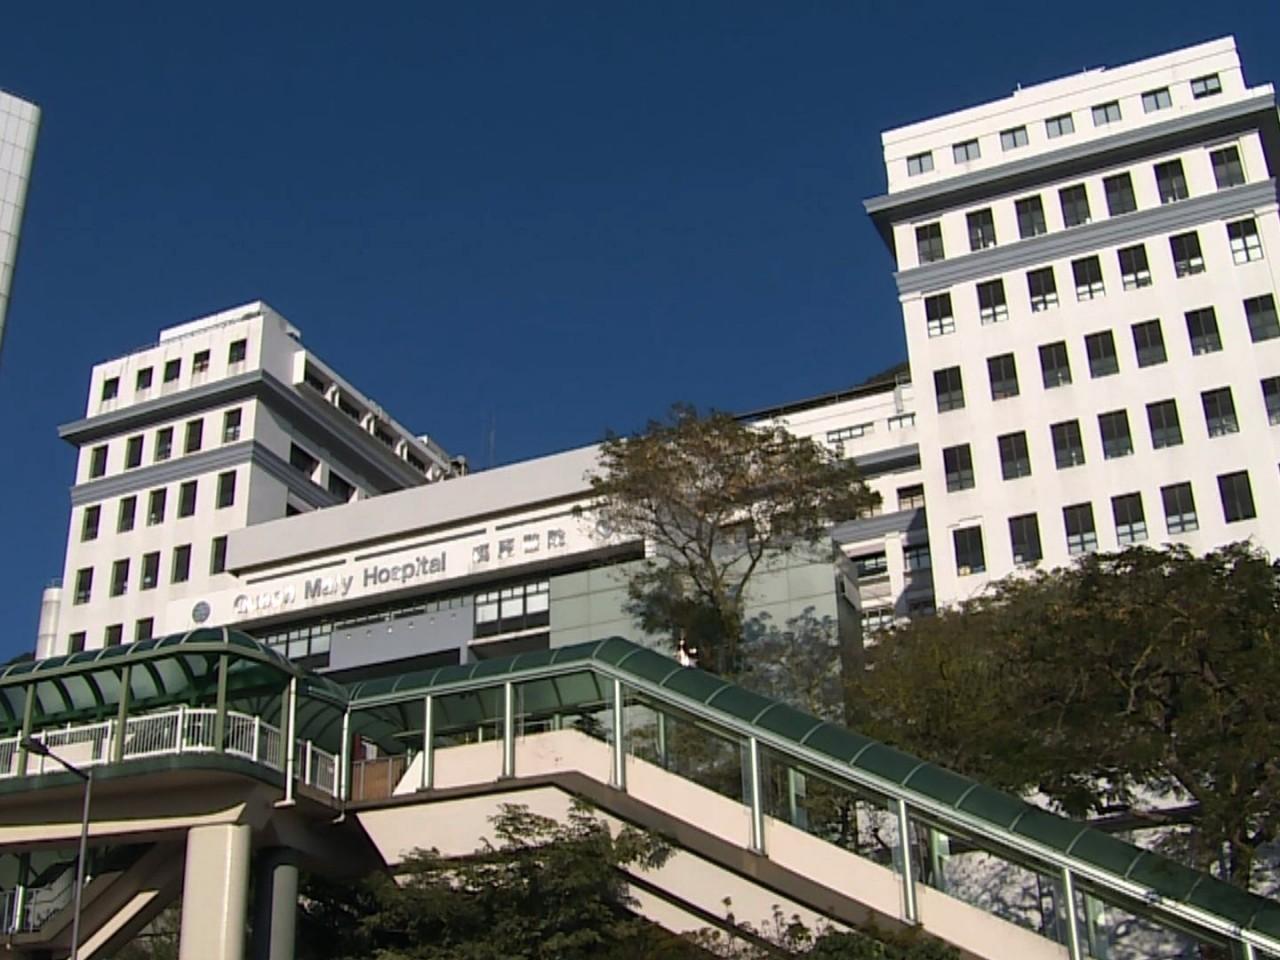 圖為香港瑪麗醫院外觀。 取材自香港電台